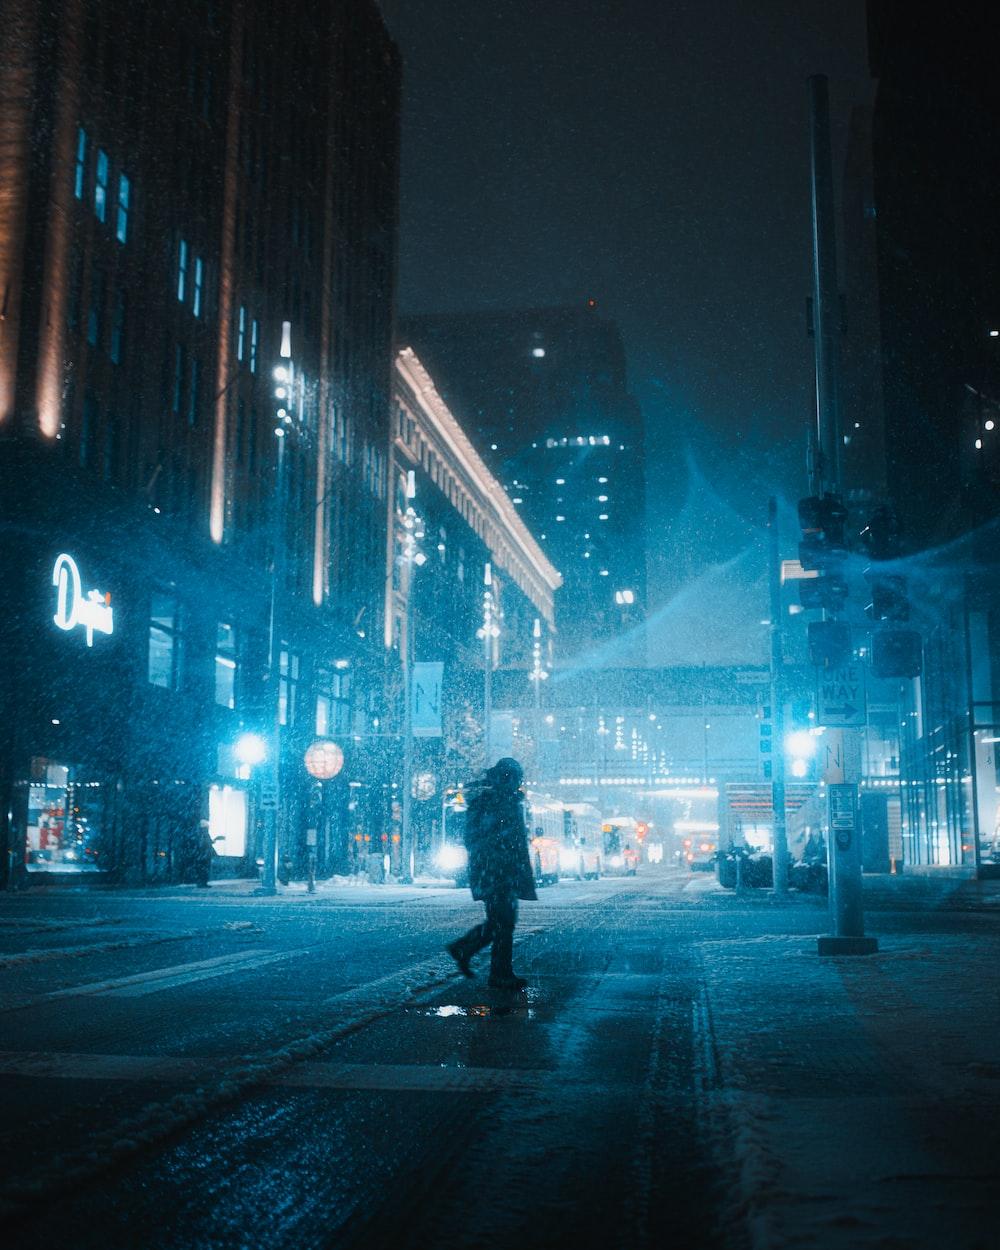 silhouette of man walking on pedestrian lane